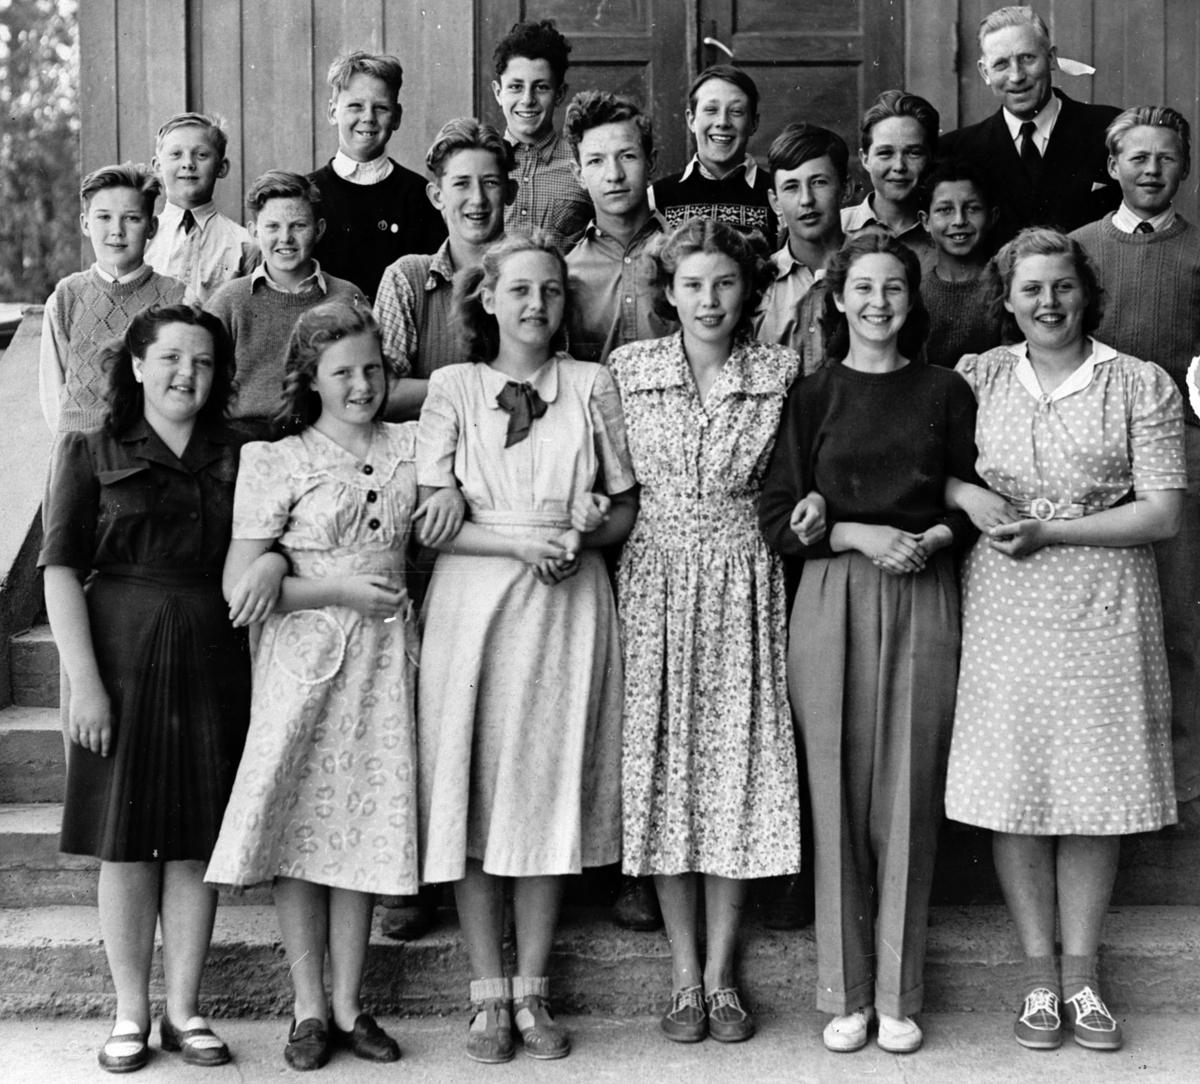 7. klasse Fjellhamar skole 1948. Bak: Lærer Ola Hegeberg.